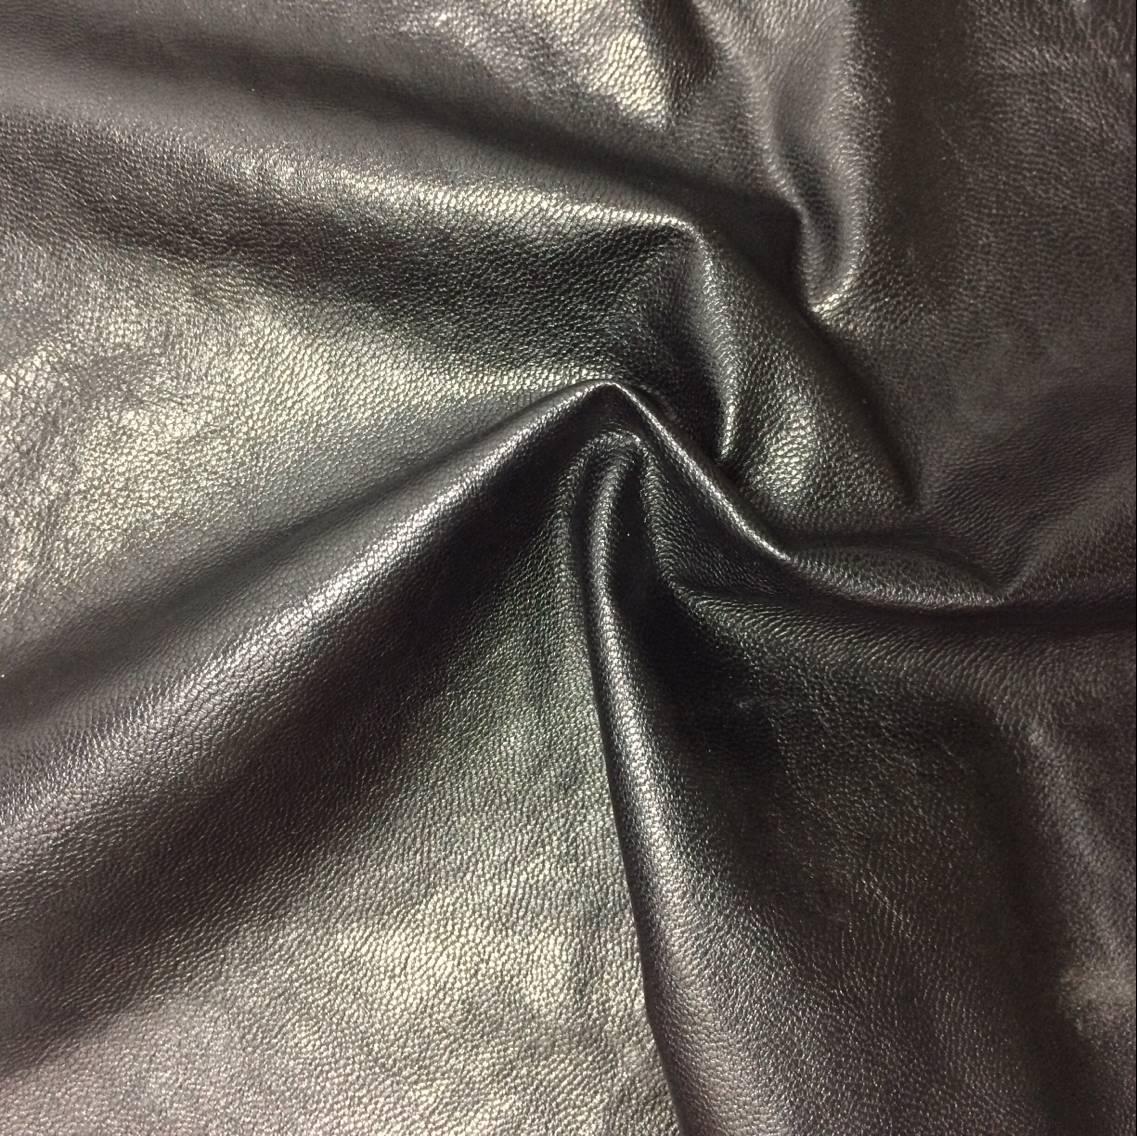 Simili tổng hợp Quần áo lâu năm viền trang trí 0,4 kaimela viscose cừu mẫu mềm chống trầy xước PU mà